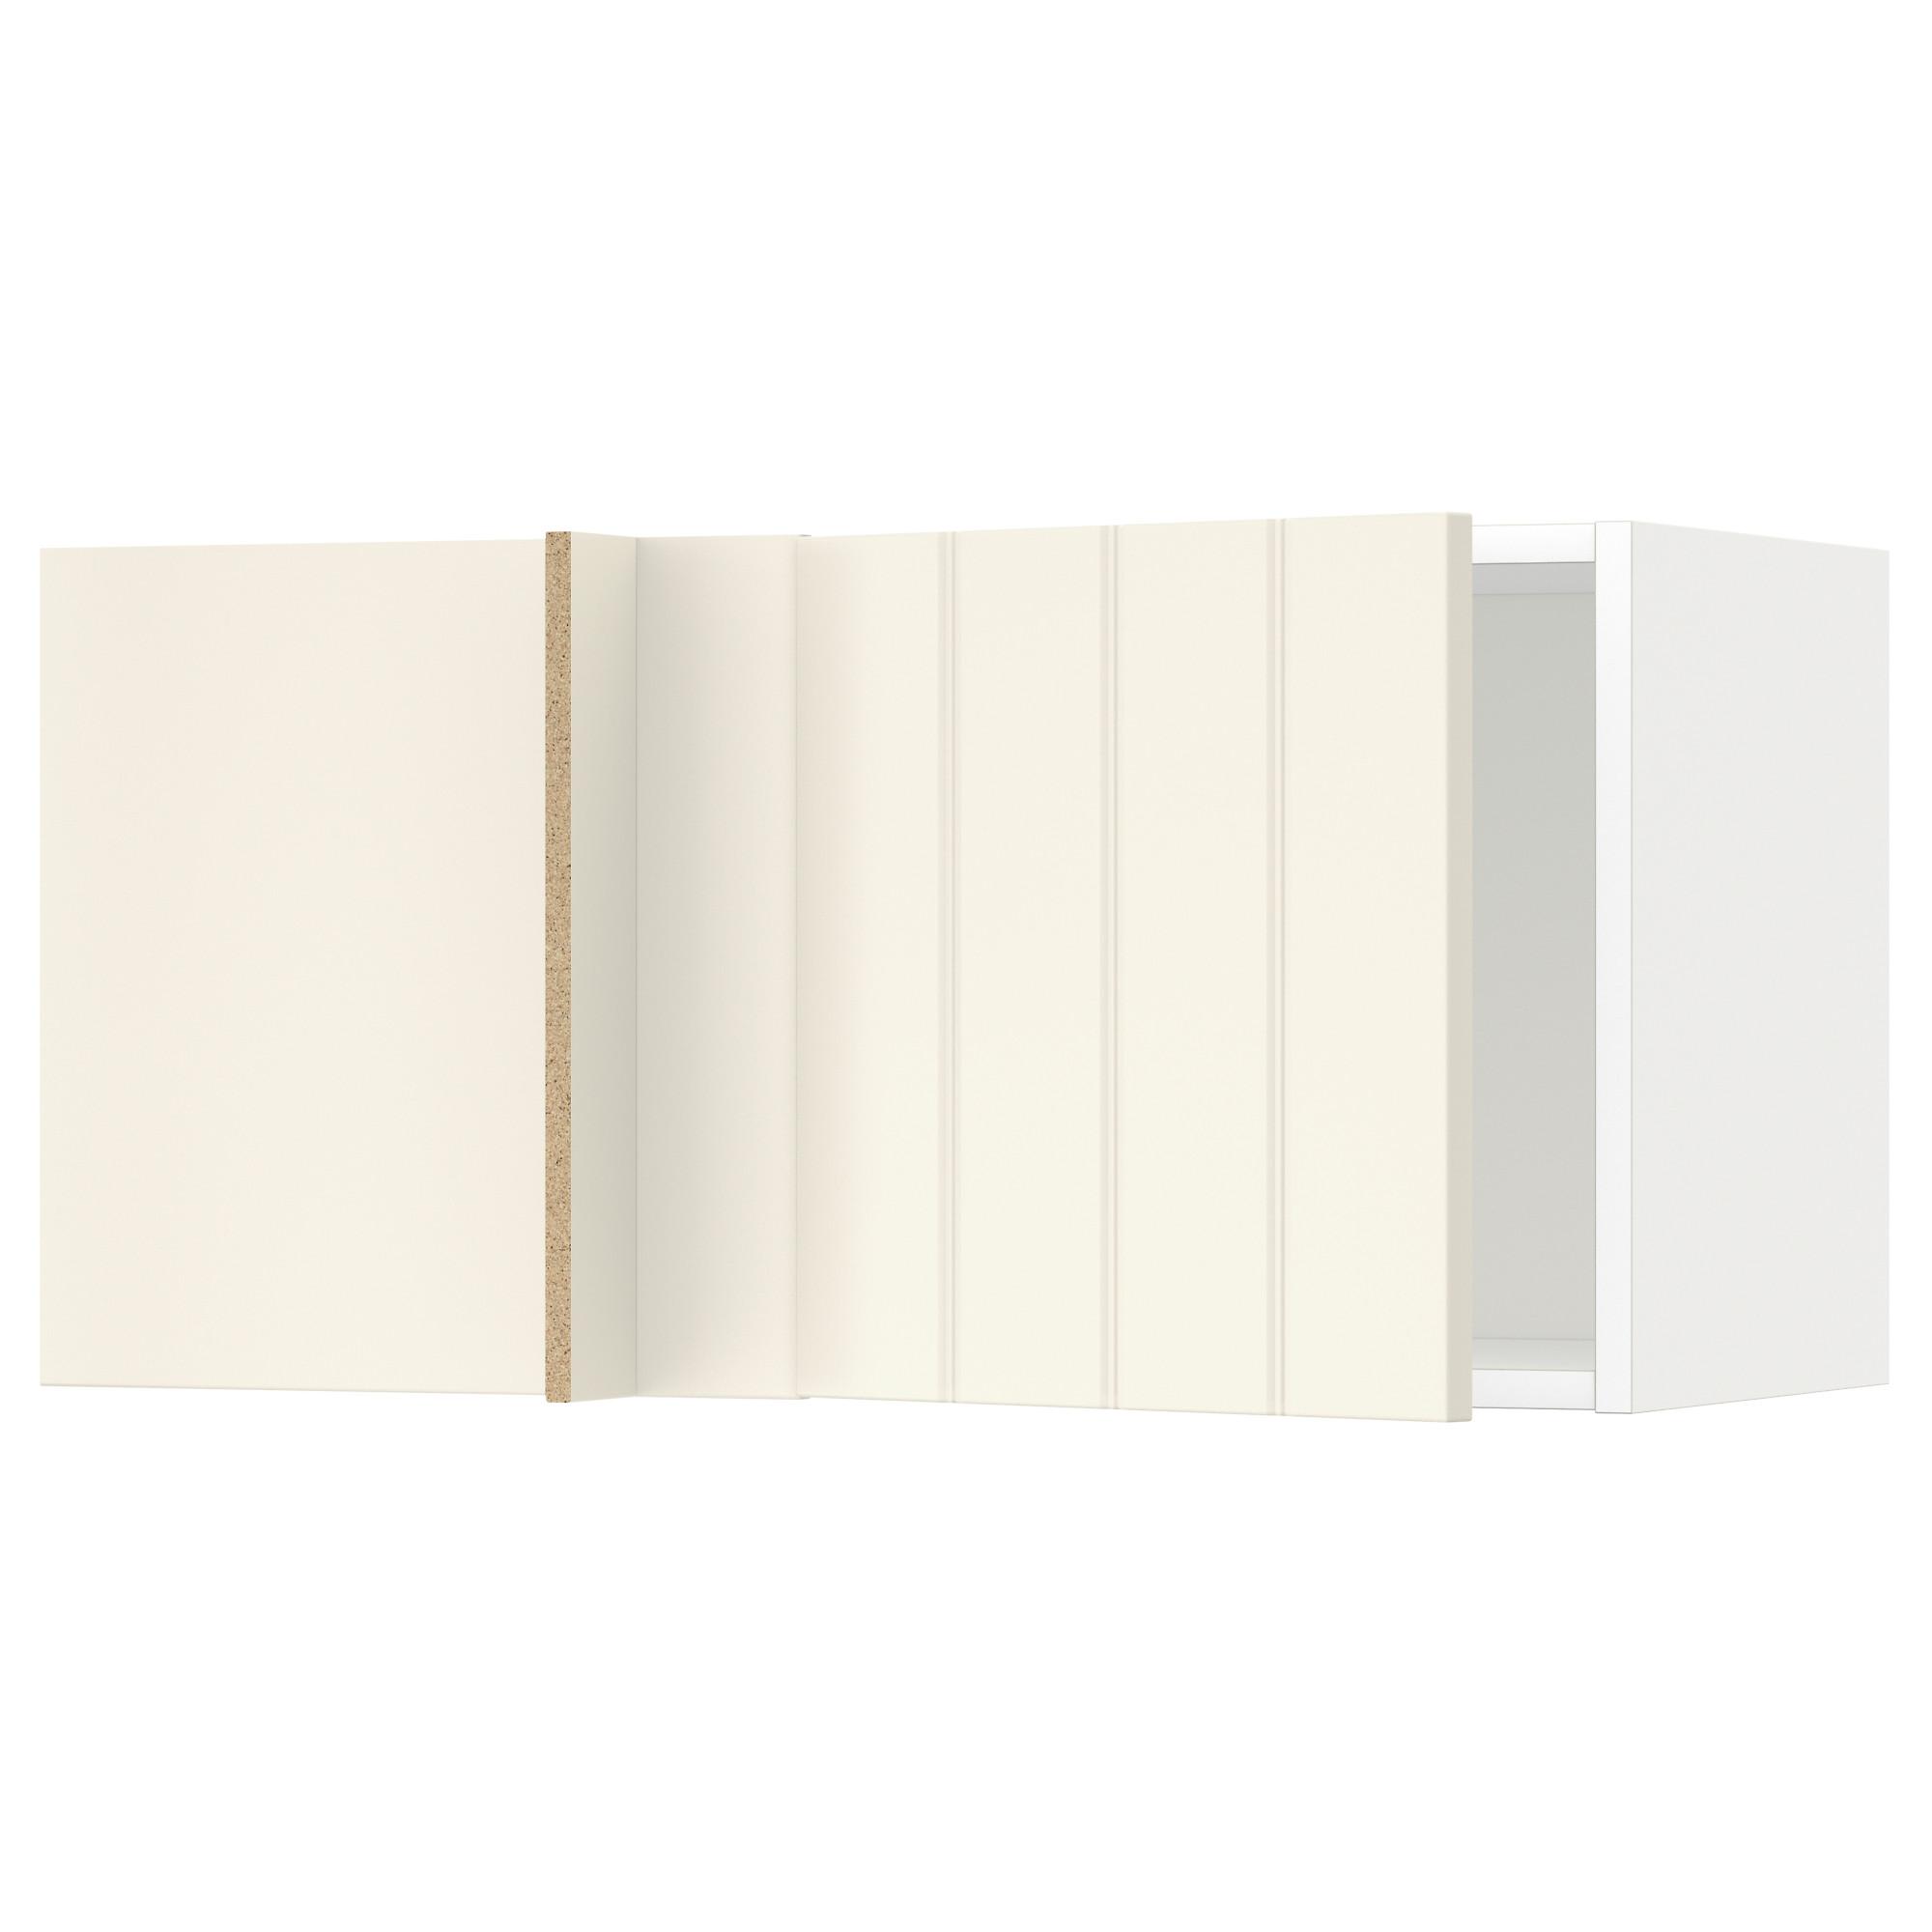 Шкаф навесной угловой МЕТОД белый артикуль № 592.264.55 в наличии. Интернет сайт IKEA Беларусь. Быстрая доставка и установка.